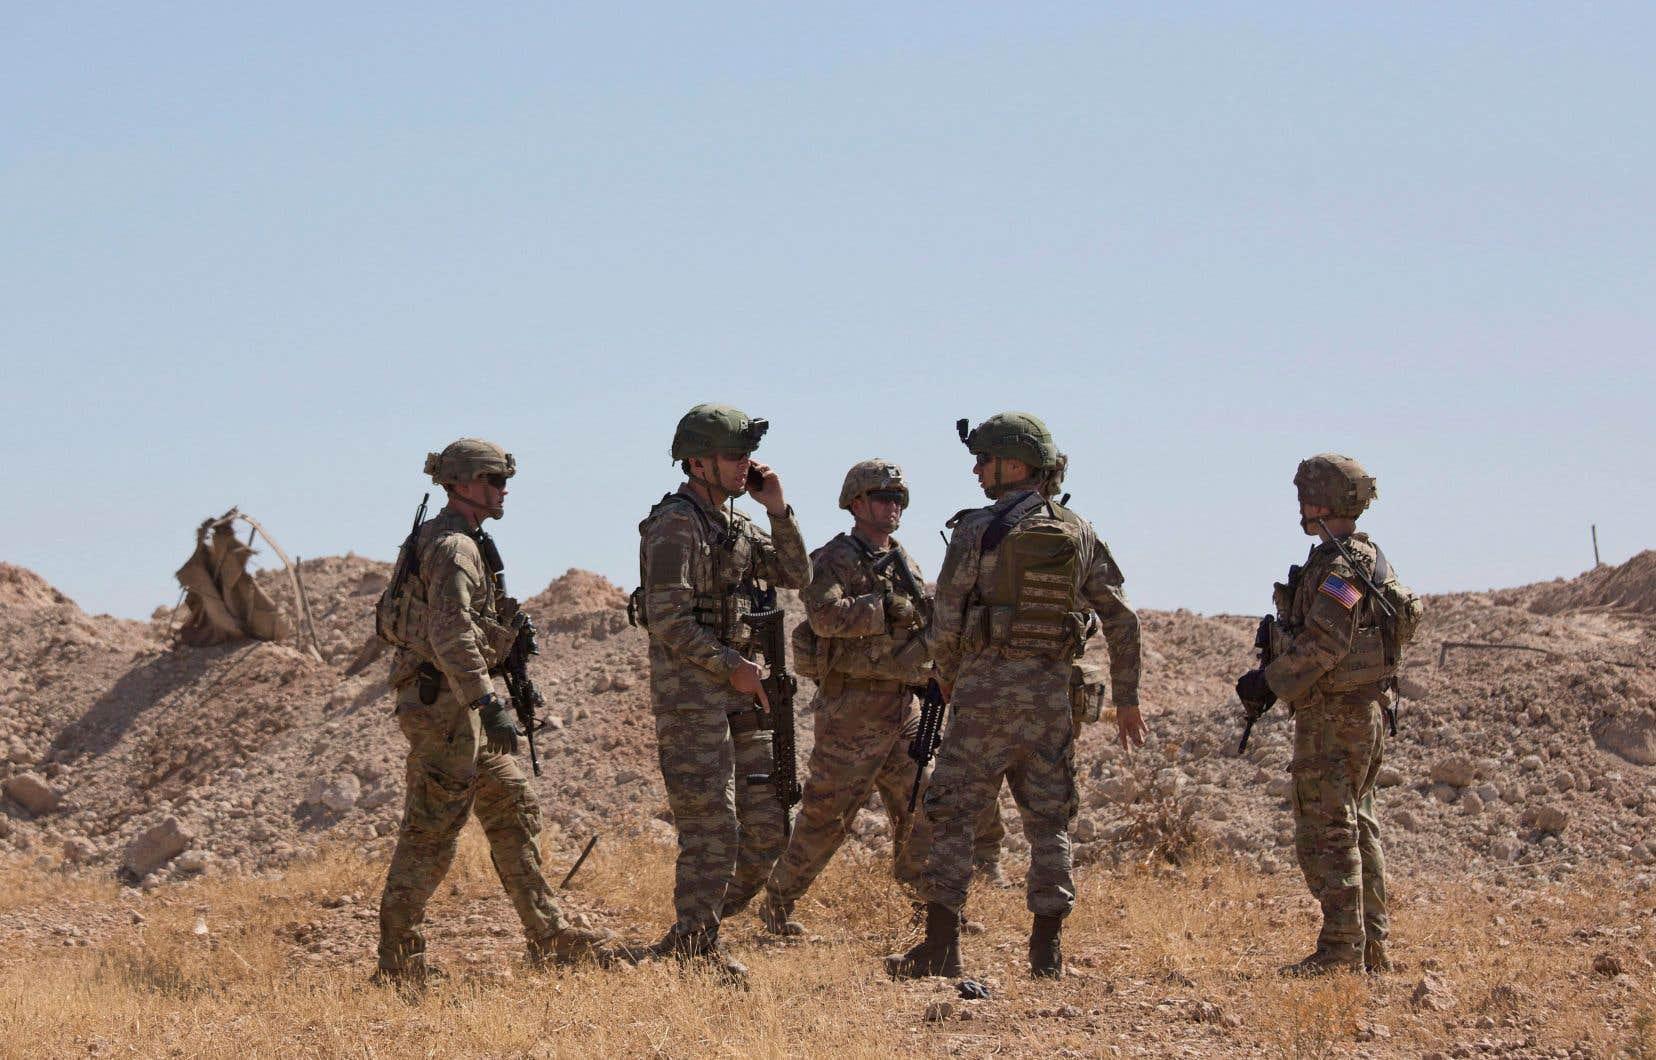 La tension dans le nord-est de la Syrie est montée d'un cran après l'annonce par la Maison-Blanche que les militaires américains stationnés dans la zone seraient retirés en vue d'une opération turque.